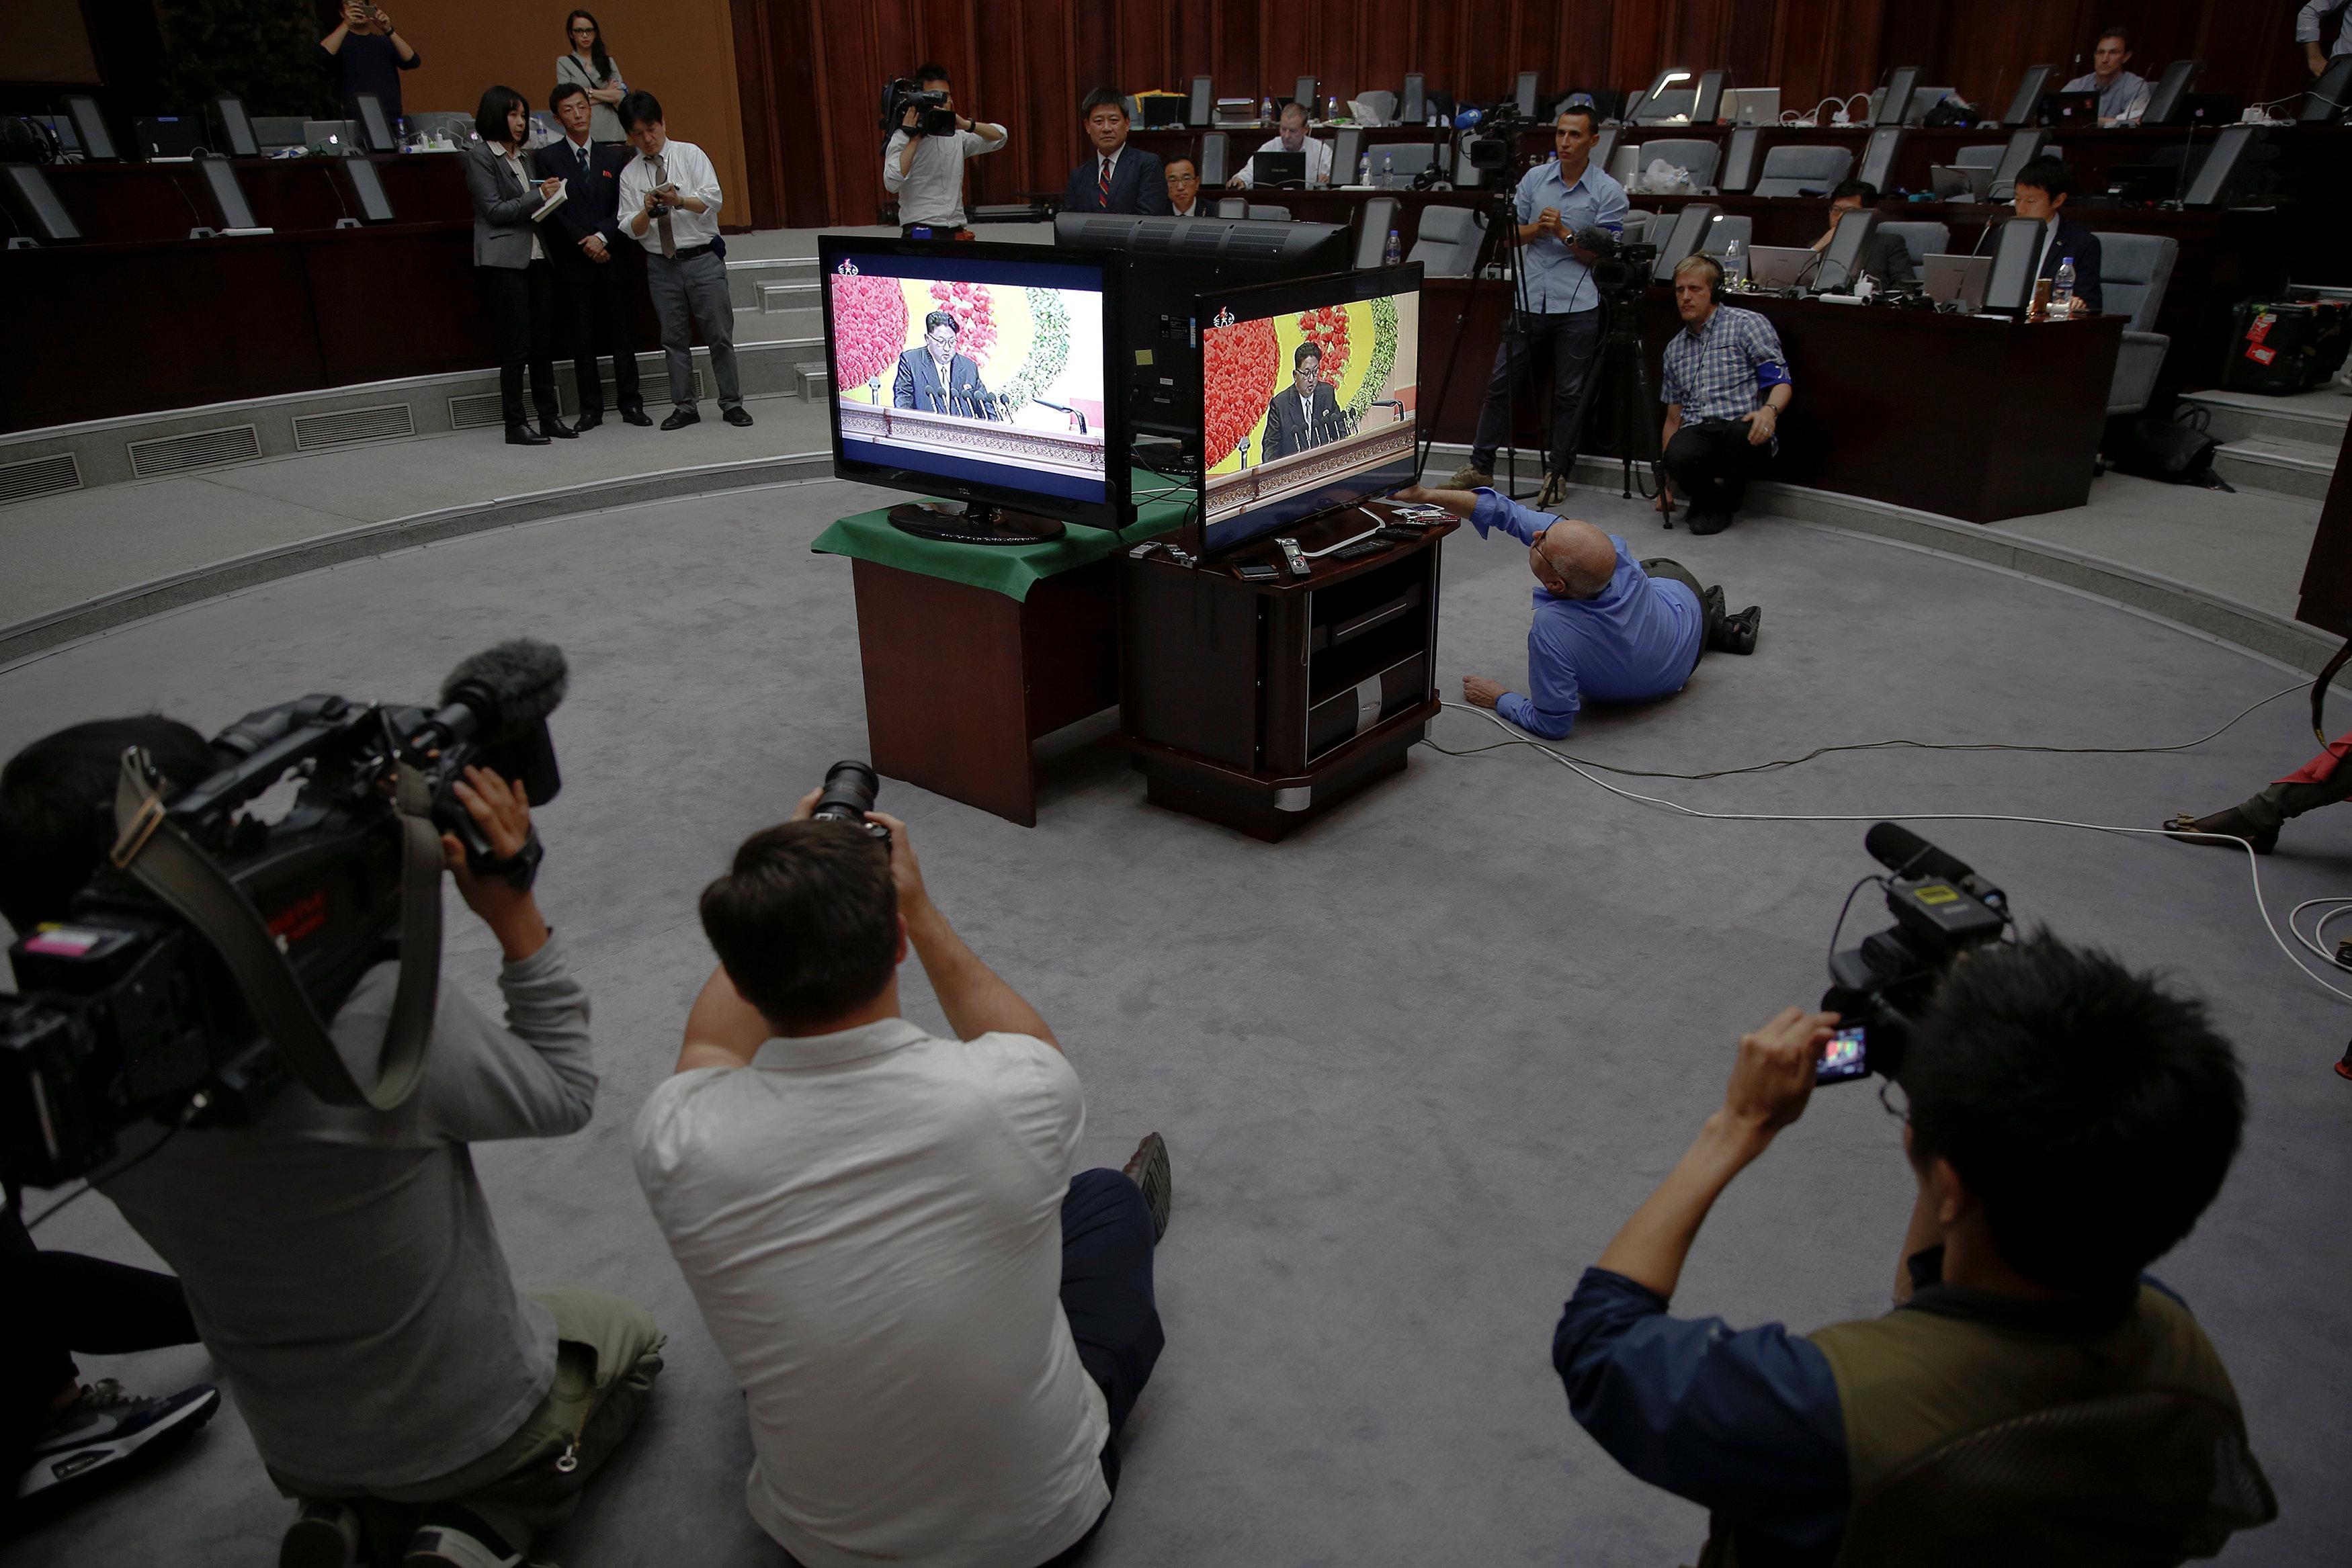 Pyongyang - Reporters In N. Korea For Congress Get Wire Factory Instead